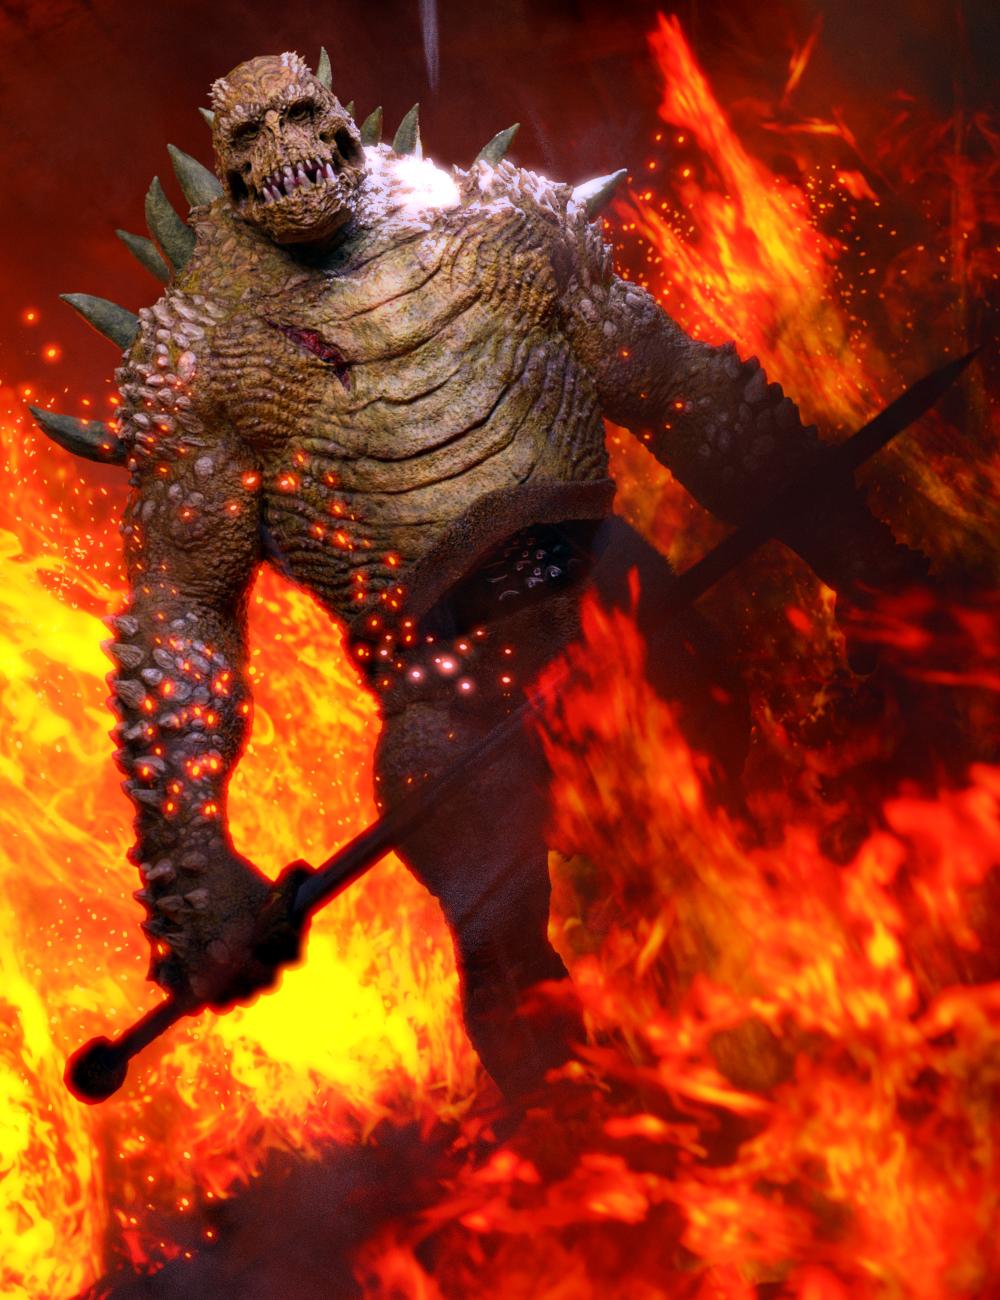 Korvath HD for Genesis 8 Male by: JoeQuick, 3D Models by Daz 3D